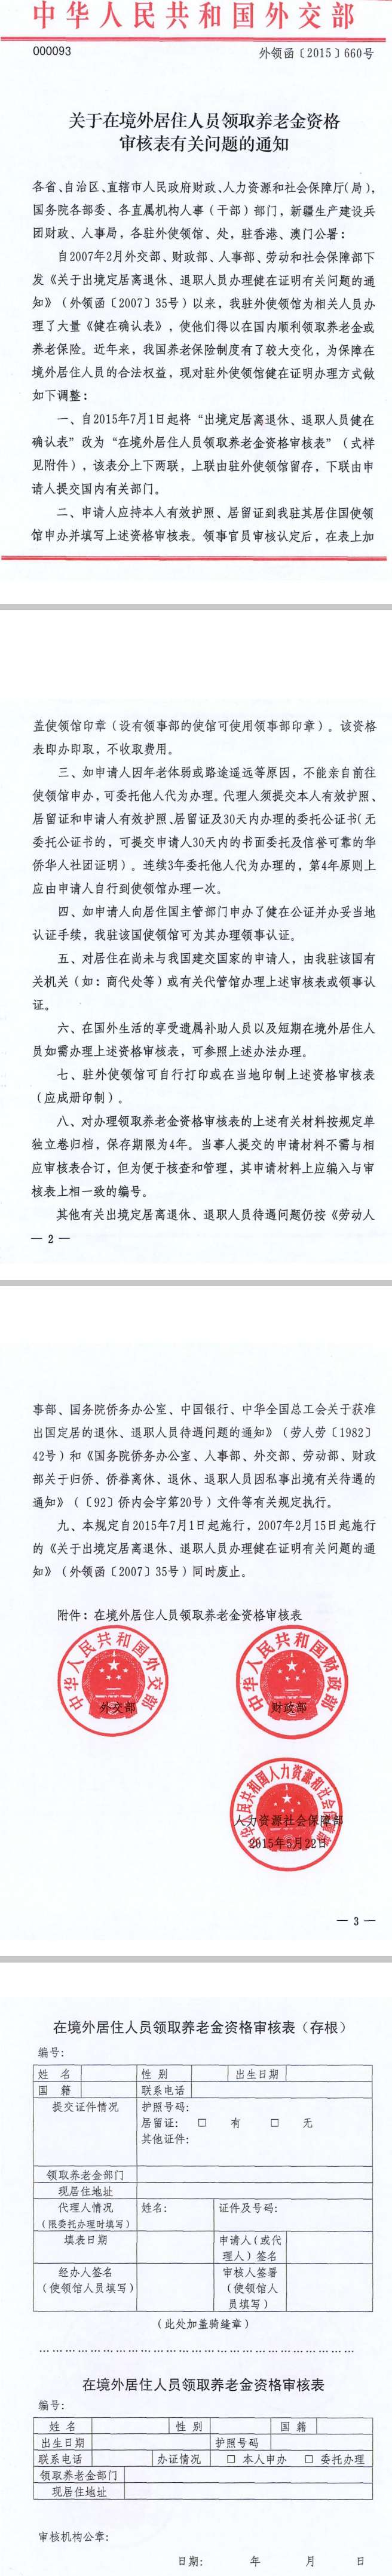 外领函〔2015〕660号《外交部财政部人力资源和社会保障部关于在境外居住人员领取养老金资格审核表有关问题的通知》